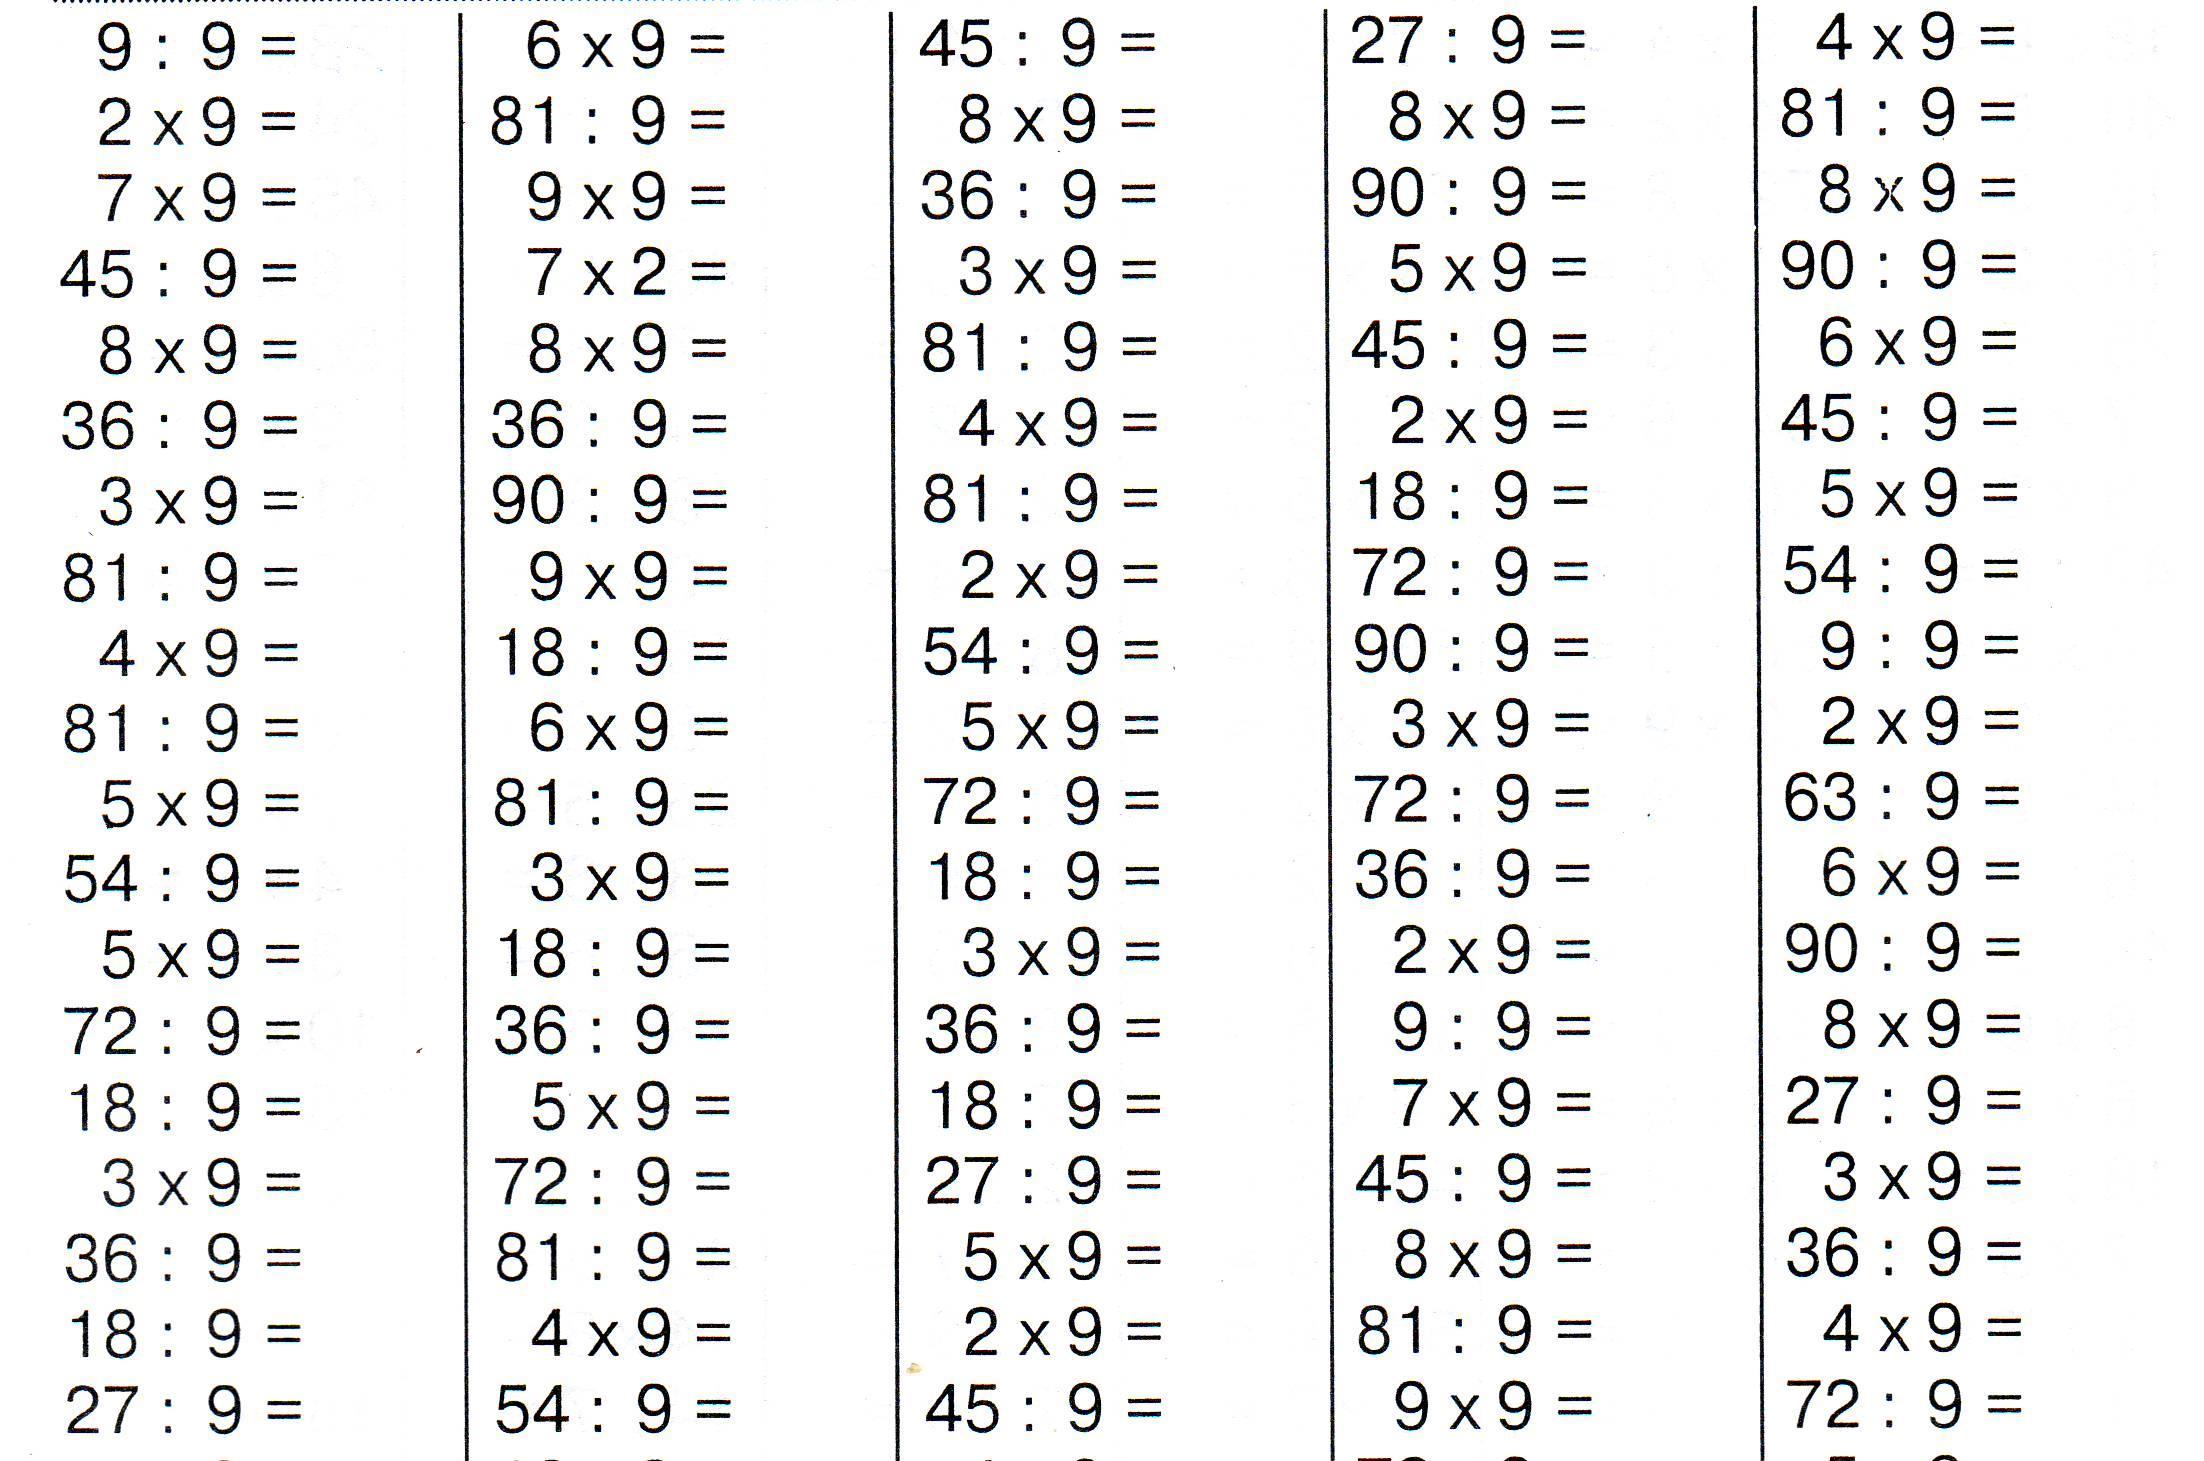 картинки по таблице умножения и деления всей экзотике этого